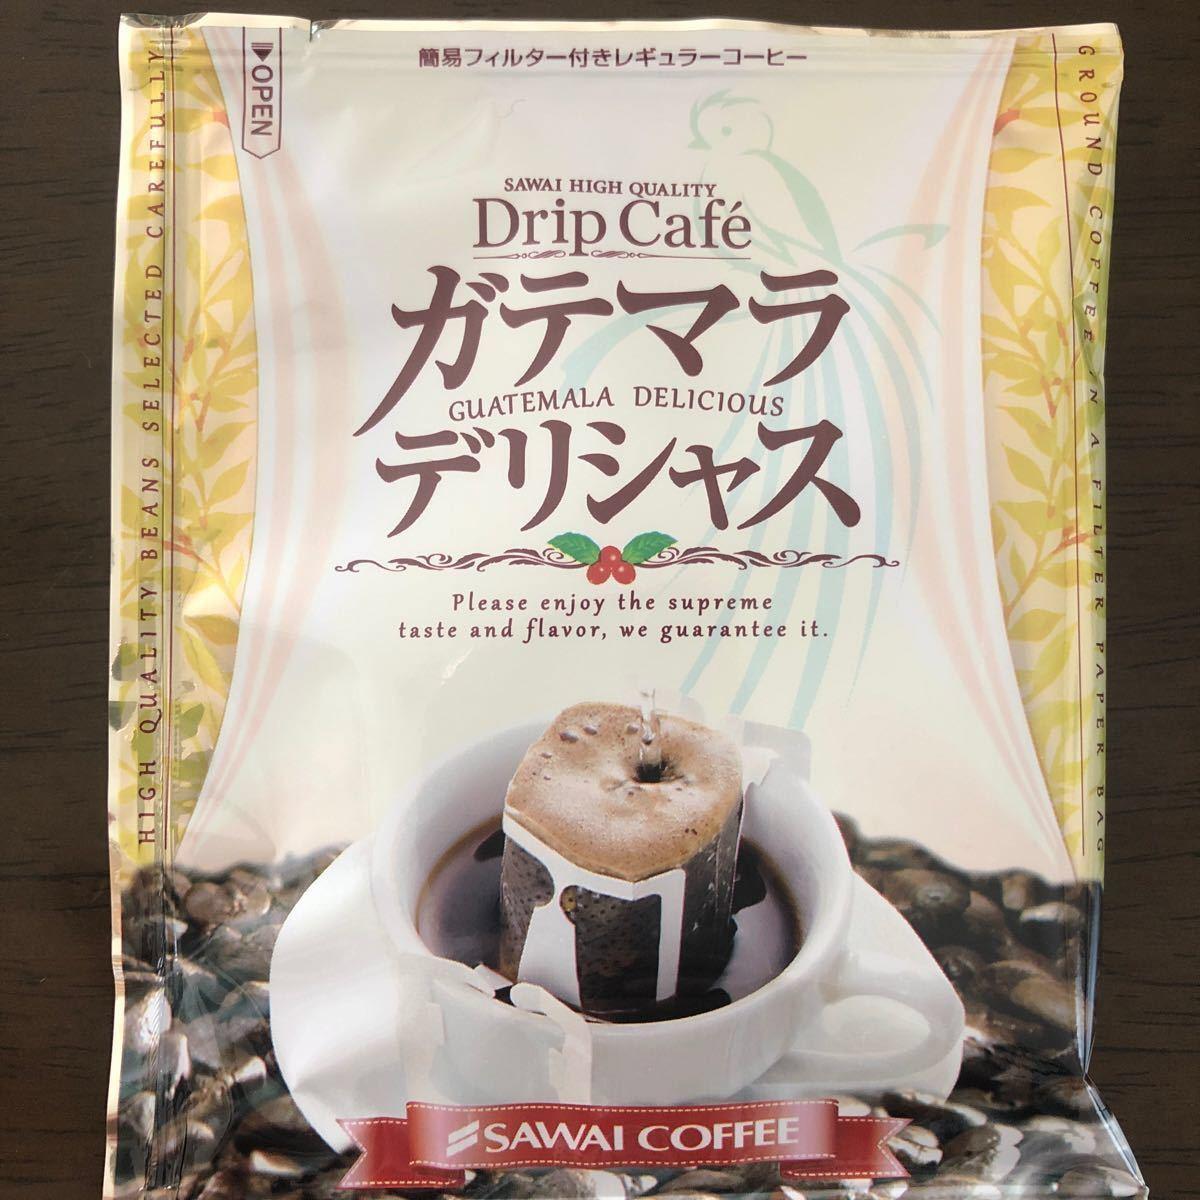 澤井珈琲 ドリップバッグコーヒー ガテマラデリシャス